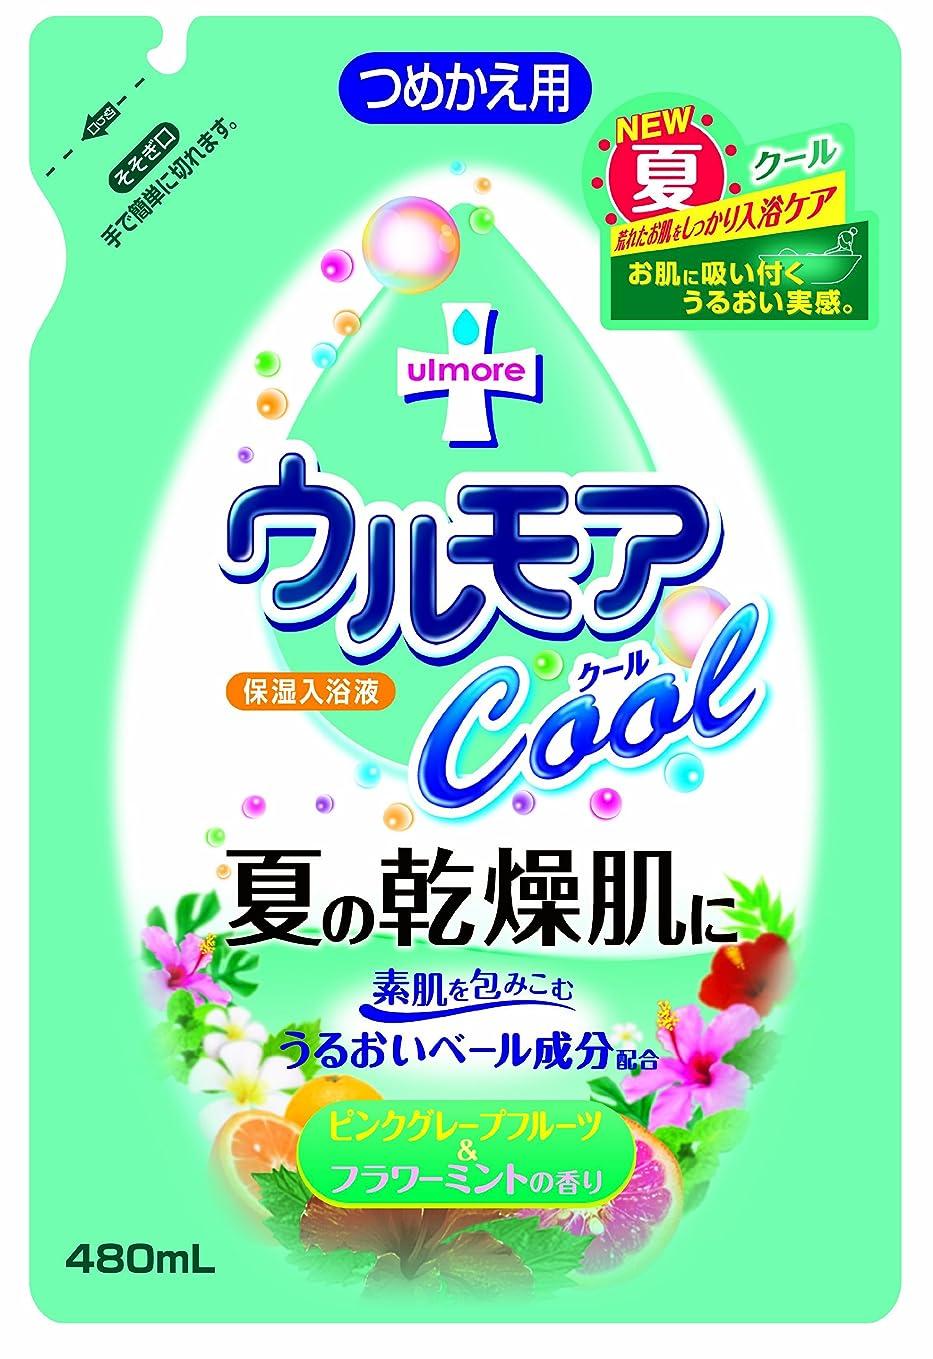 ラボ磁気無秩序アース製薬 保湿入浴液ウルモアクール 替 ピンクグレープフルーツ&フラワーミントの香り 480mL